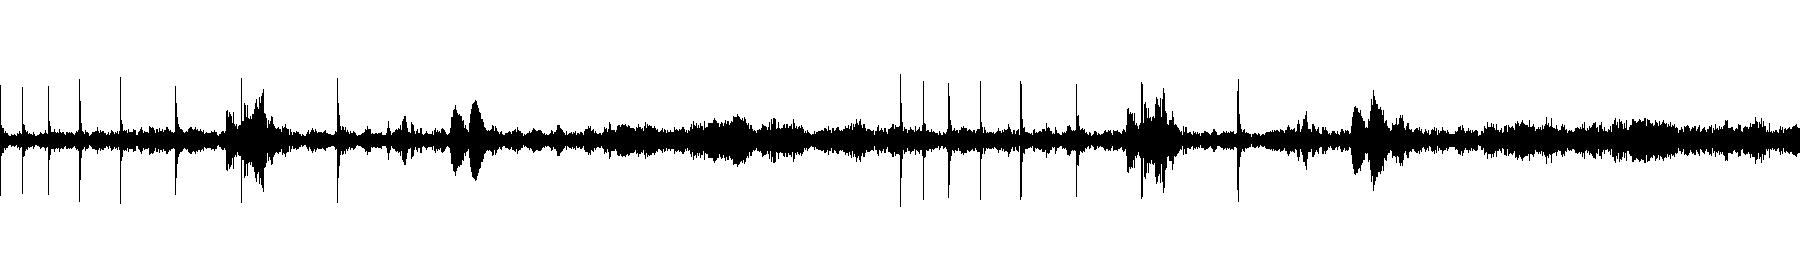 tfx texture 22